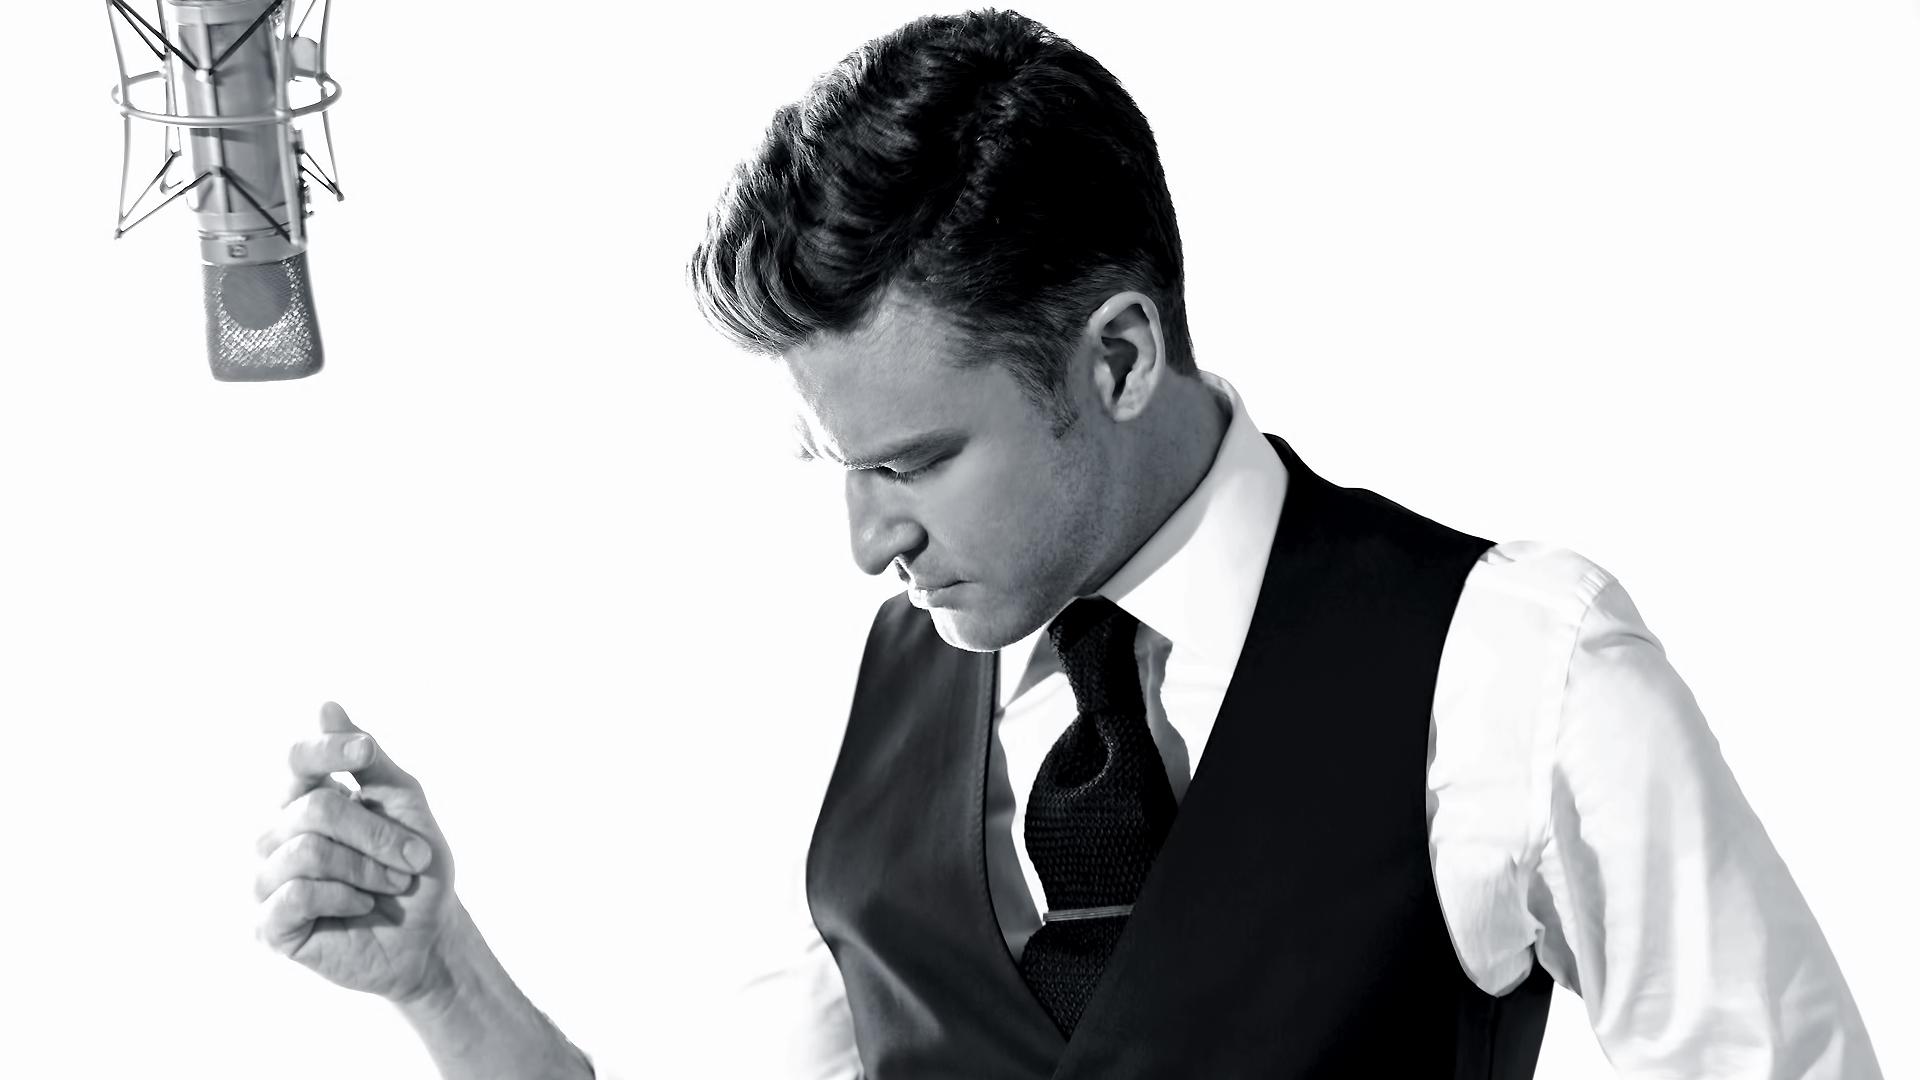 Can't Stop The Feeling av Justin Timberlake